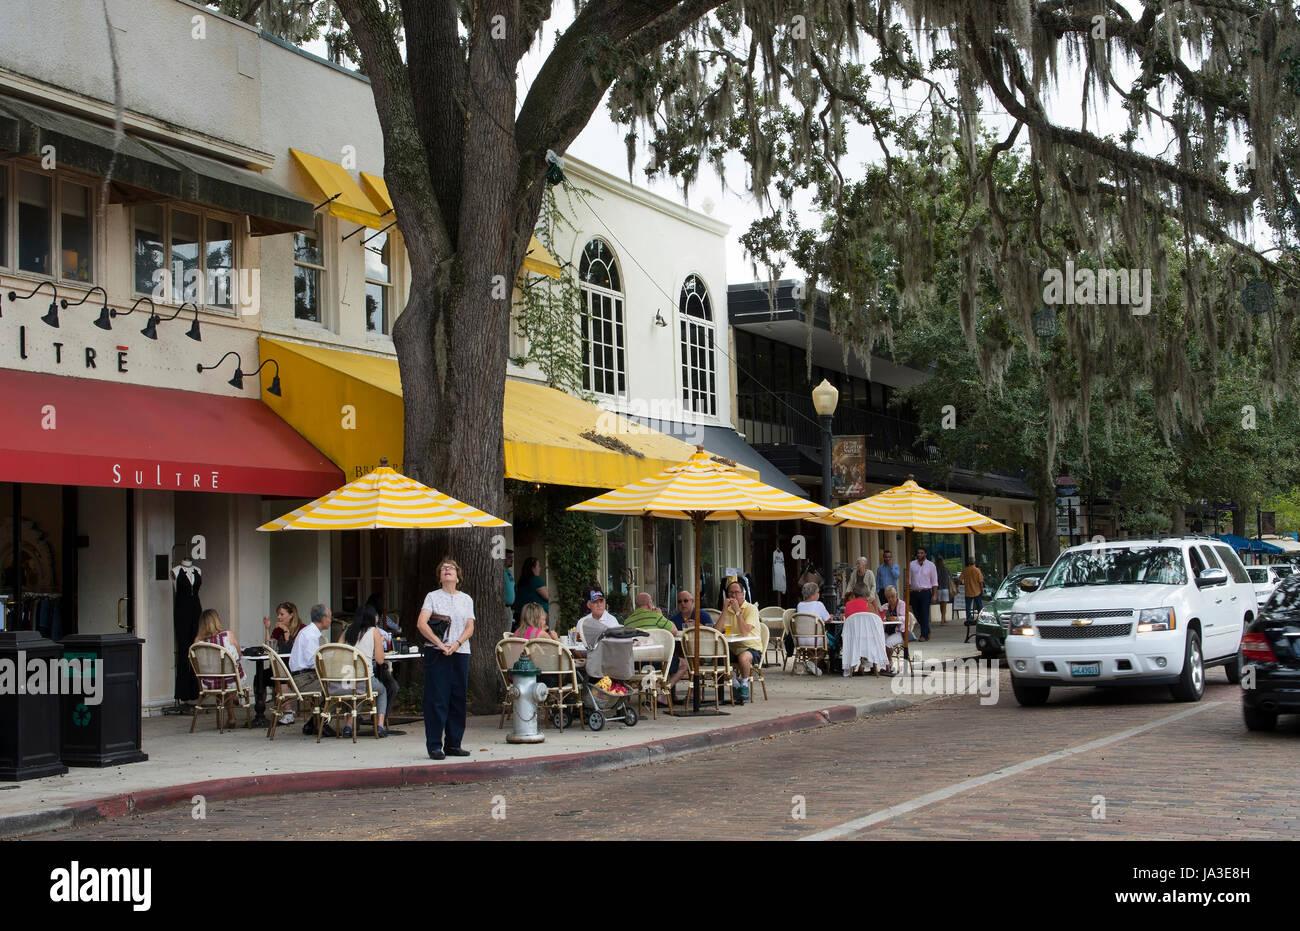 Winterpark Florida Park Avenue Verkehr und Geschäften Restaurants und Cafés in exklusiven exklusiven Geschäften Stockfoto